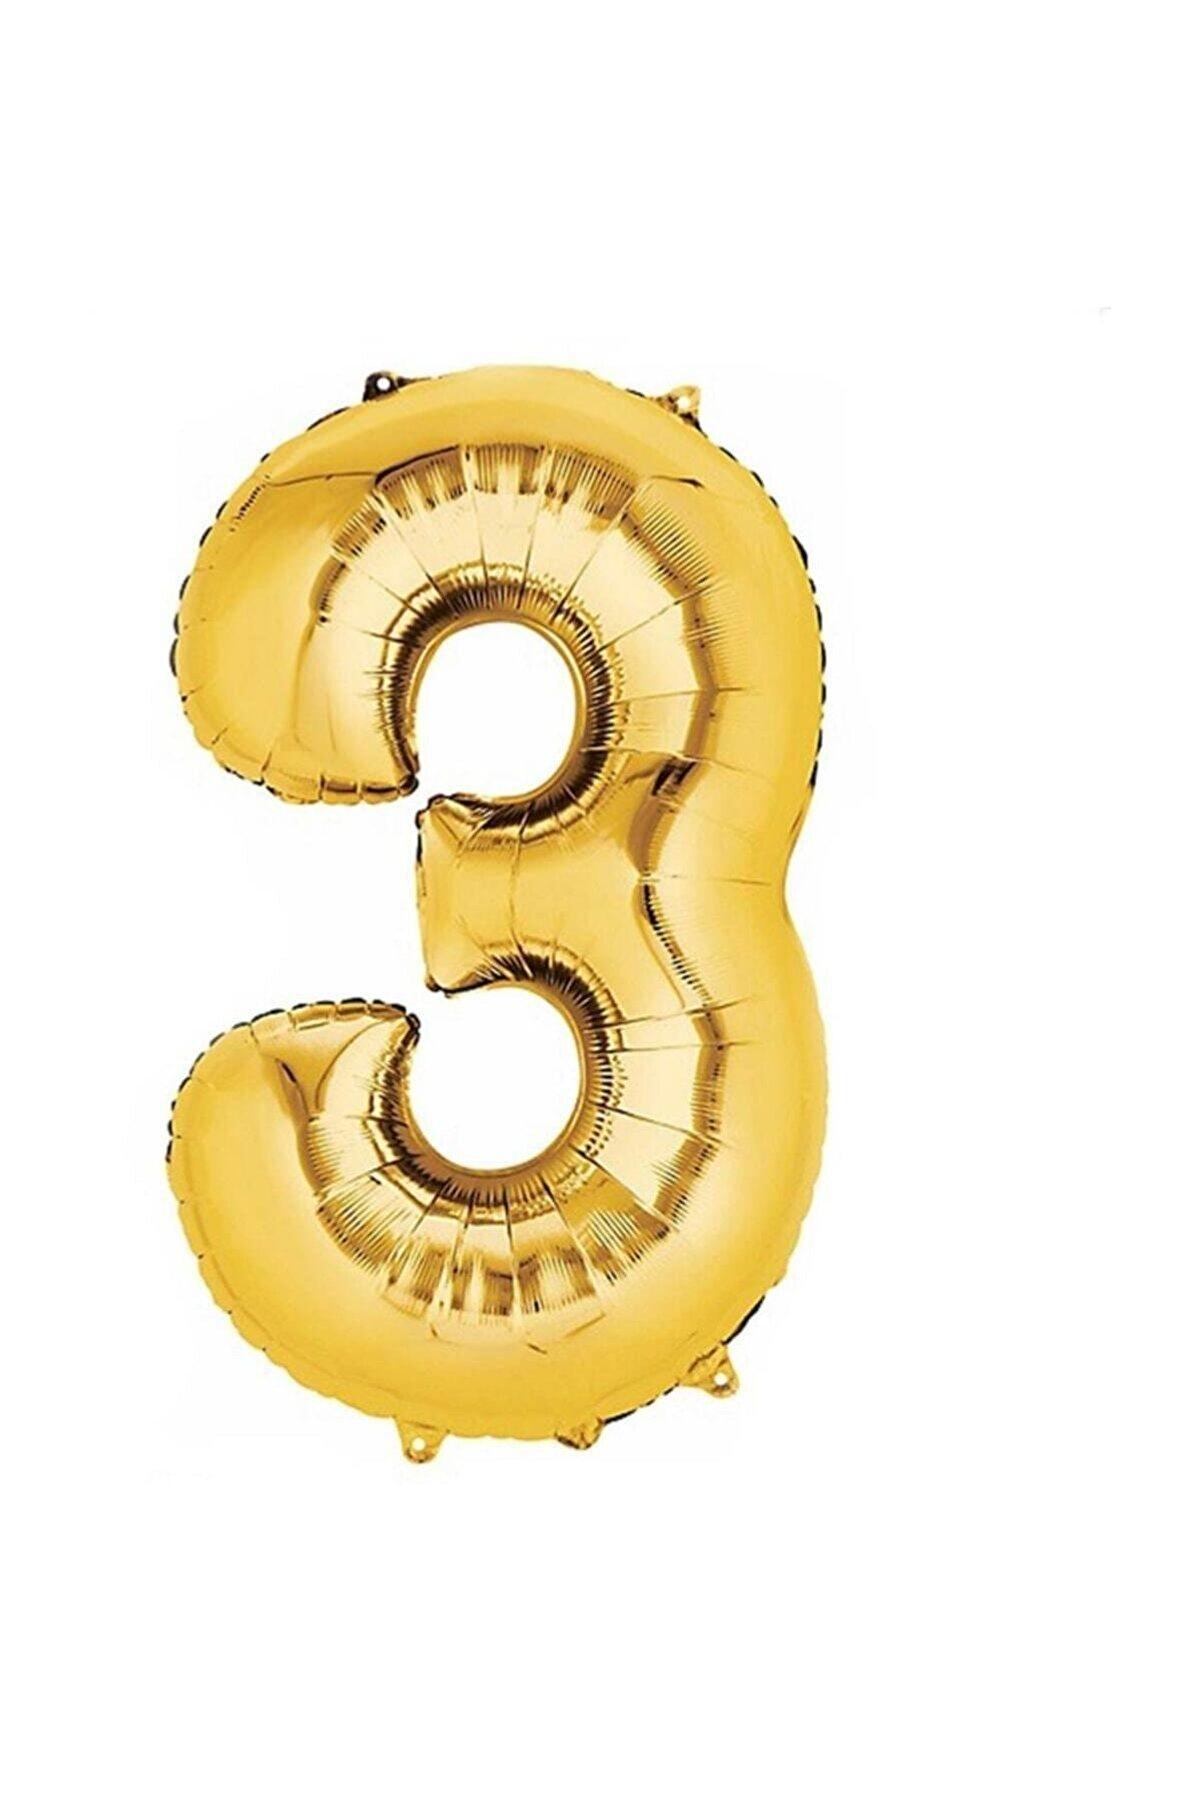 Sivassüsdünyası 3 Altın Balon 100 cm